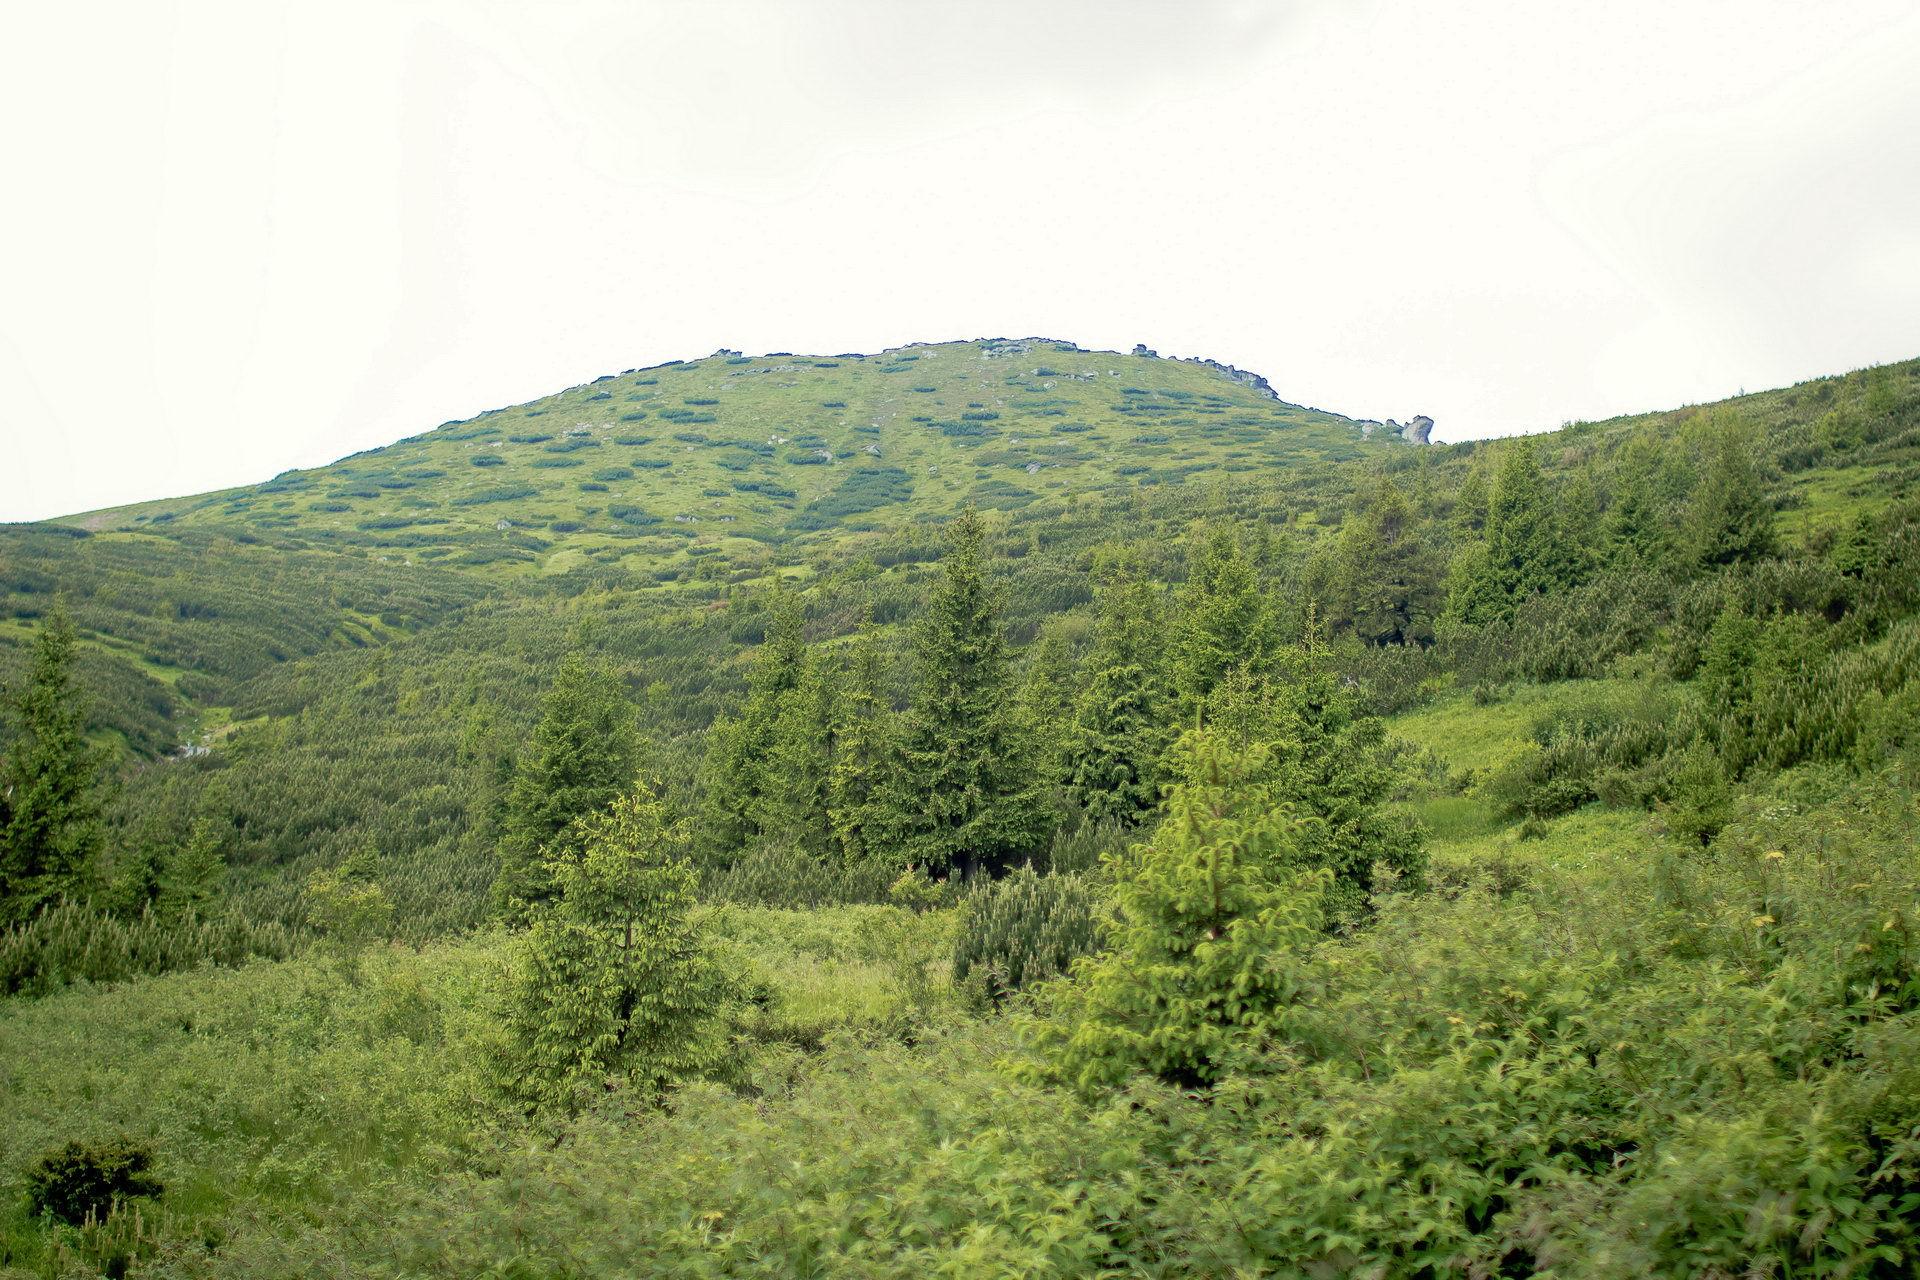 Підйом на гору Вухатий Камінь, маршрут Чорногірським хребтом